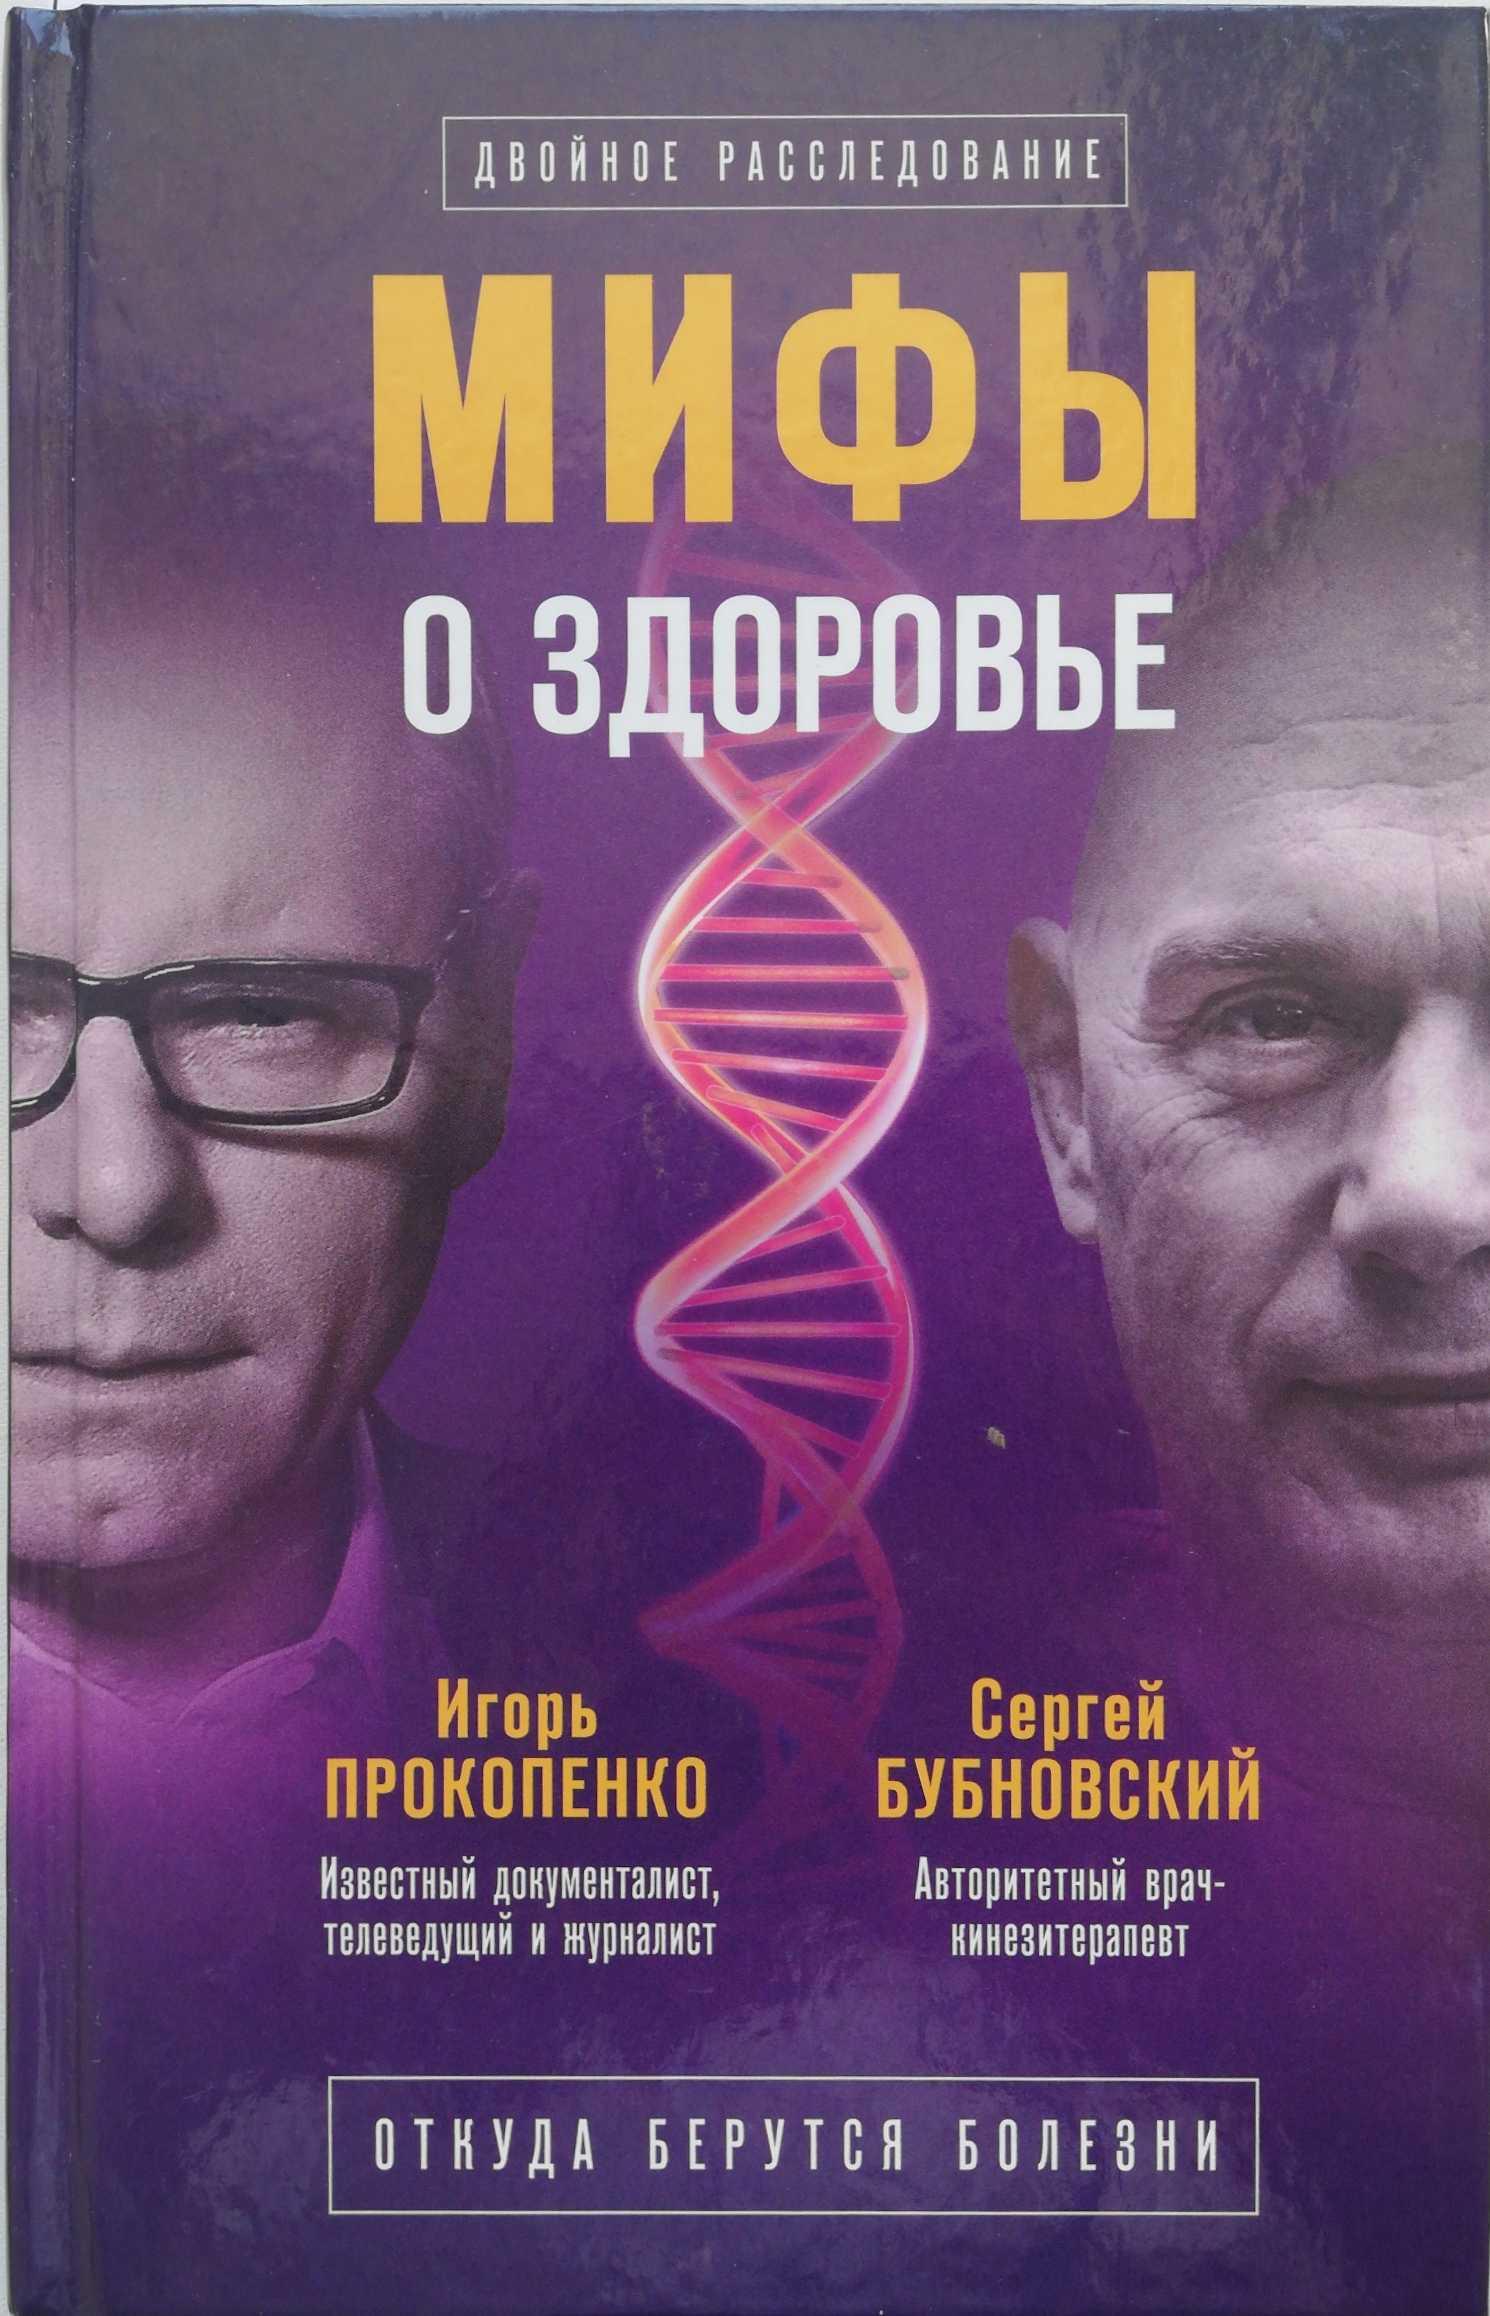 И. С. Прокопенко, М. Бубновский Мифы о здоровье. Откуда берутся болезни